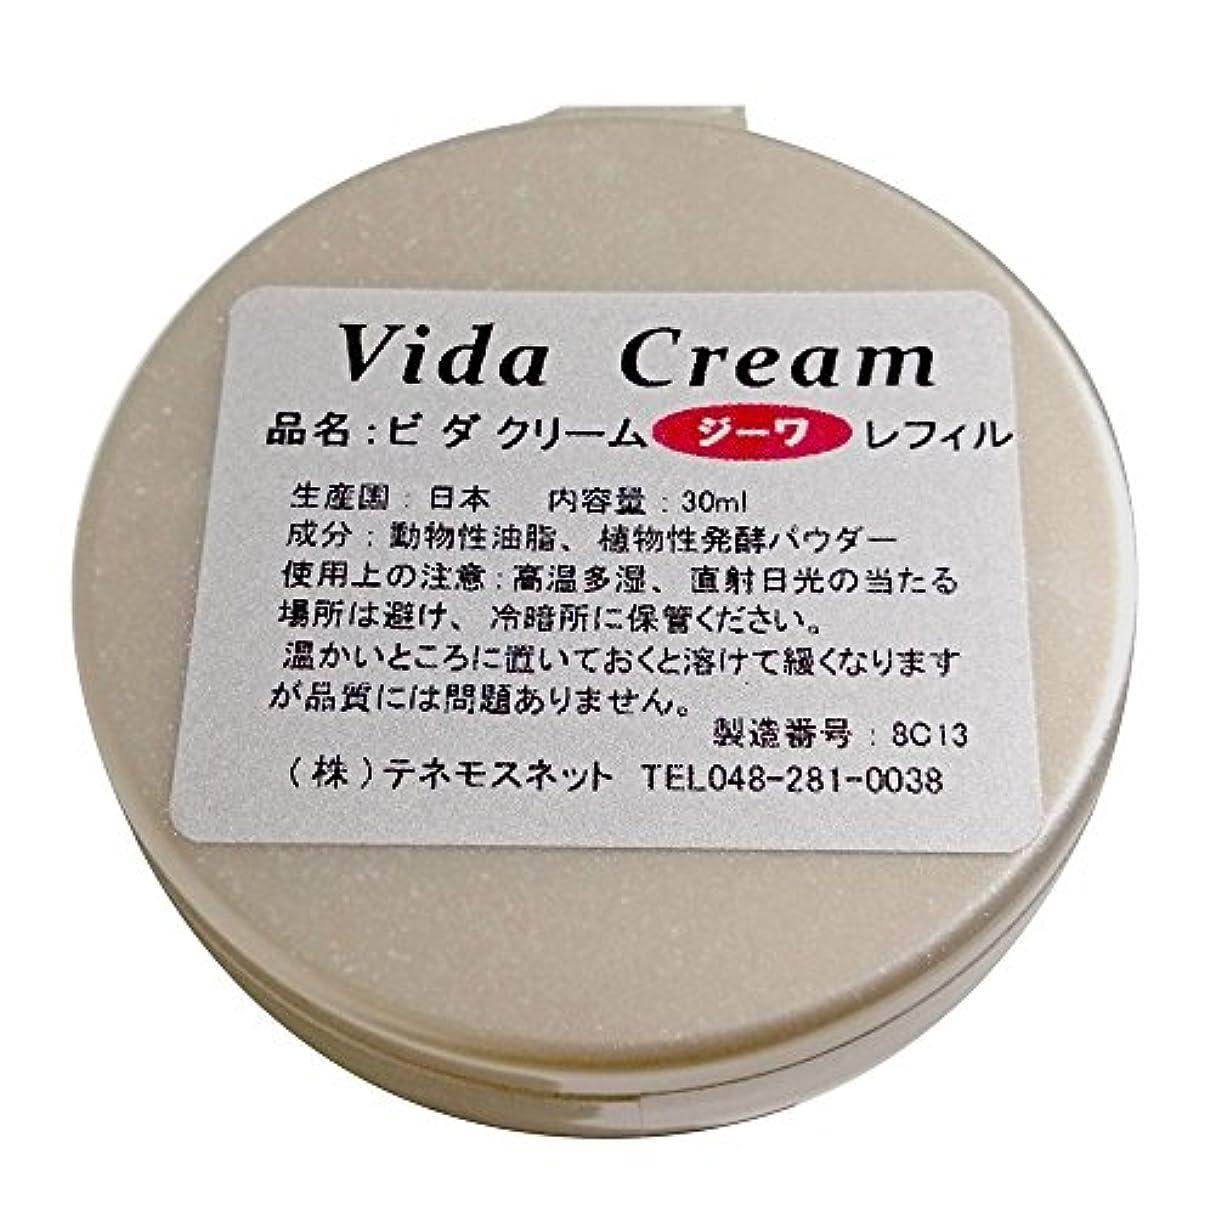 保存姿勢卒業記念アルバムテネモス ビダクリーム Vida Cream ジーワ レフィル 付替用 30ml